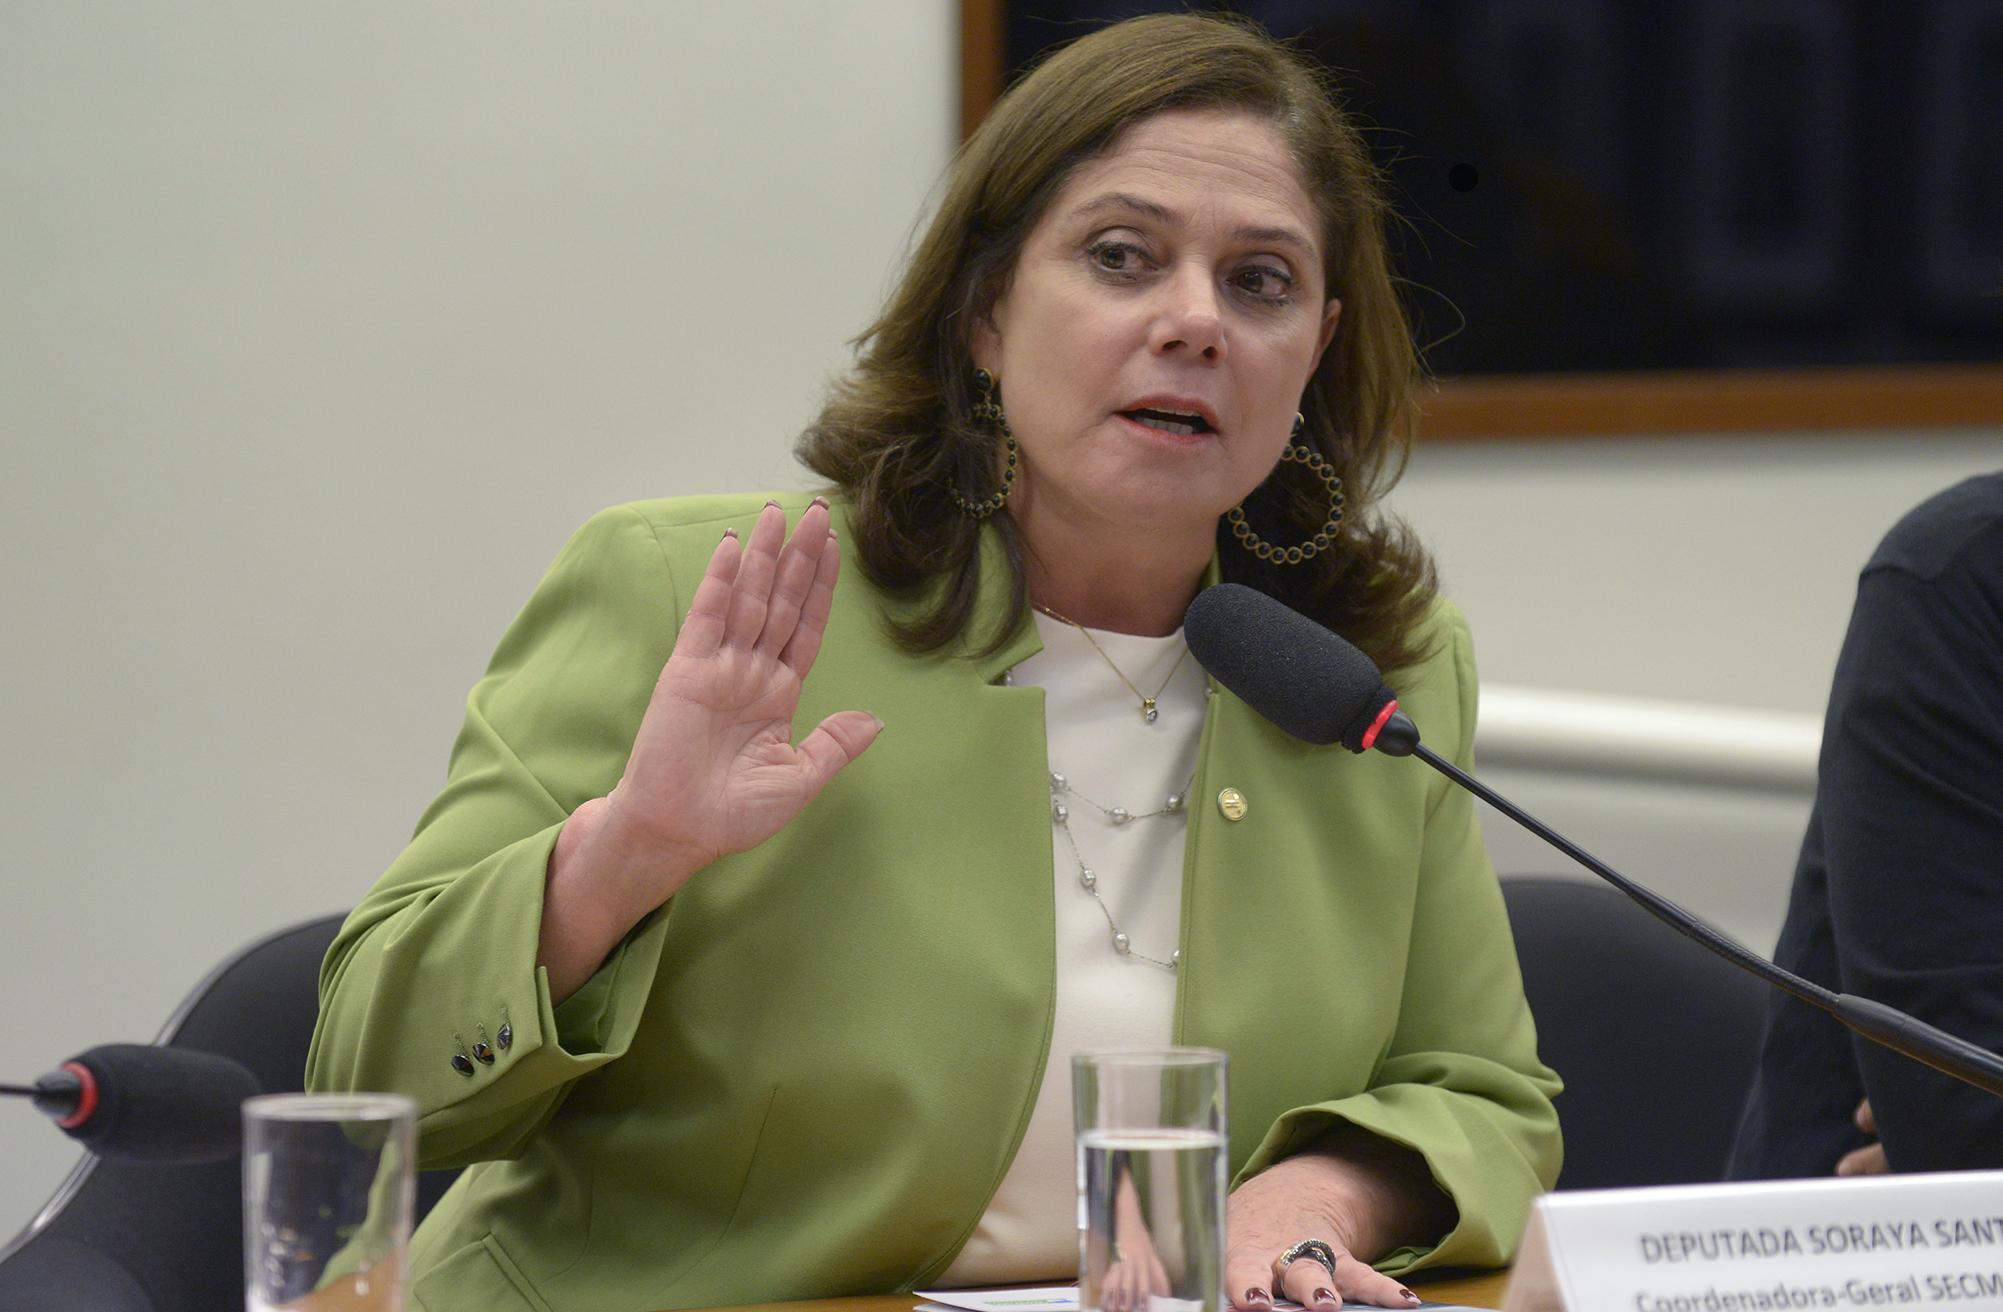 Seminário sobre a inclusão da economia do cuidado e o trabalho não remunerado realizado no interior dos domicílios, no Sistema de Contas Nacionais. Dep. Soraya Santos (PMDB - RJ)